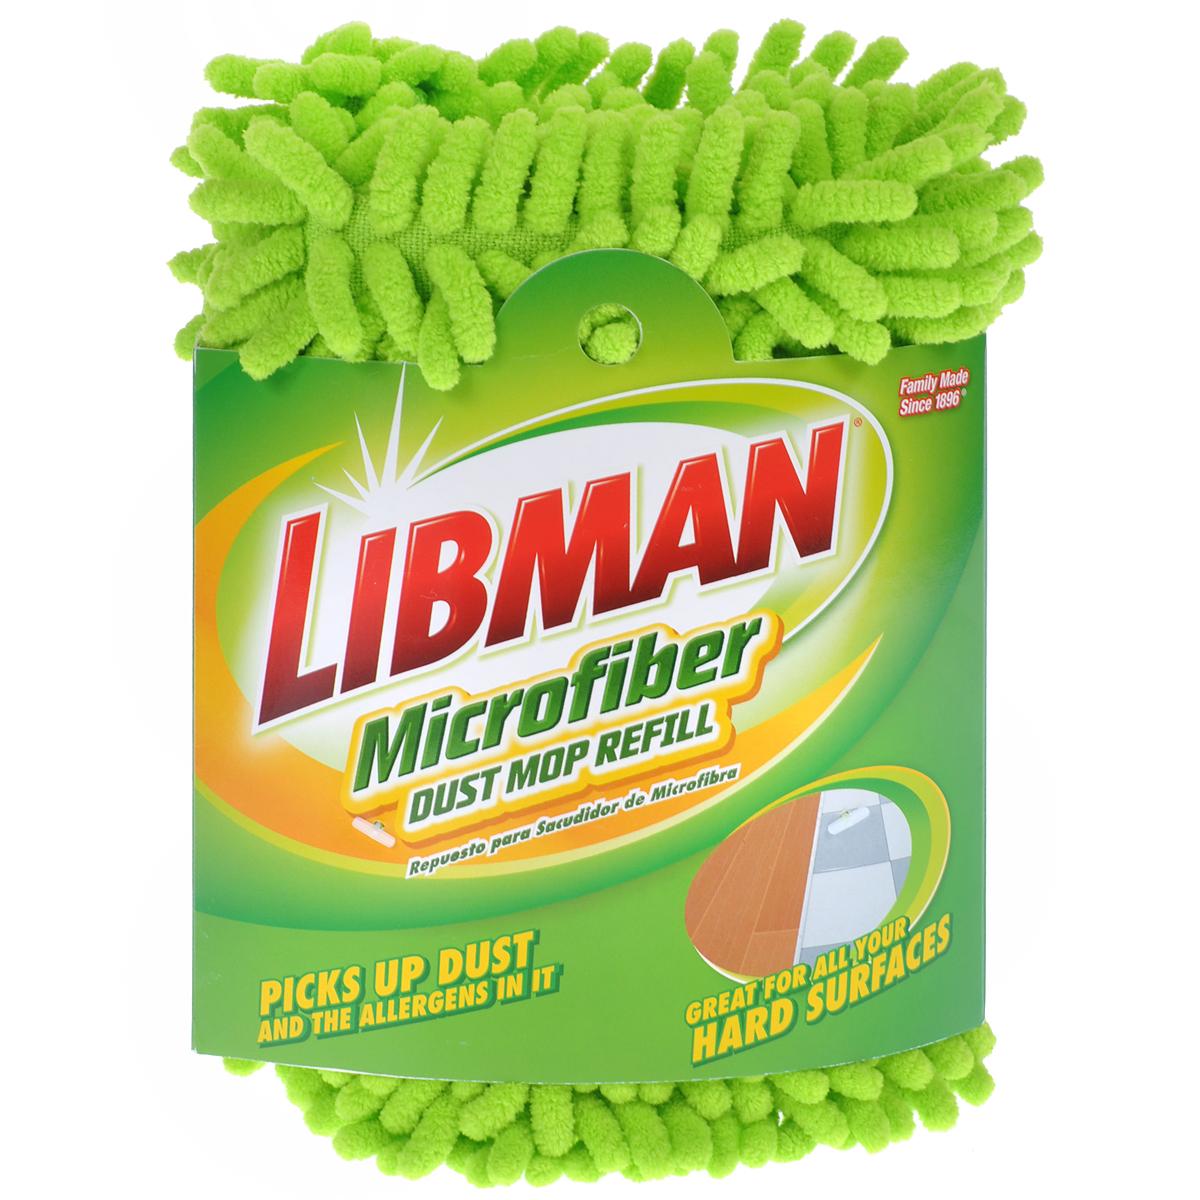 Насадка сменная Libman, для швабры, цвет: салатовый, длина 48 см. 00196133791Сменная насадка Libman изготовлена из микрофибры. Подходит для полотеров с длиной моющей поверхности 48 см. По краям имеет кармашки для фиксации на швабре. Идеальна для сухой уборки великолепно притягивают и собираю пыль и другие загрязнения.